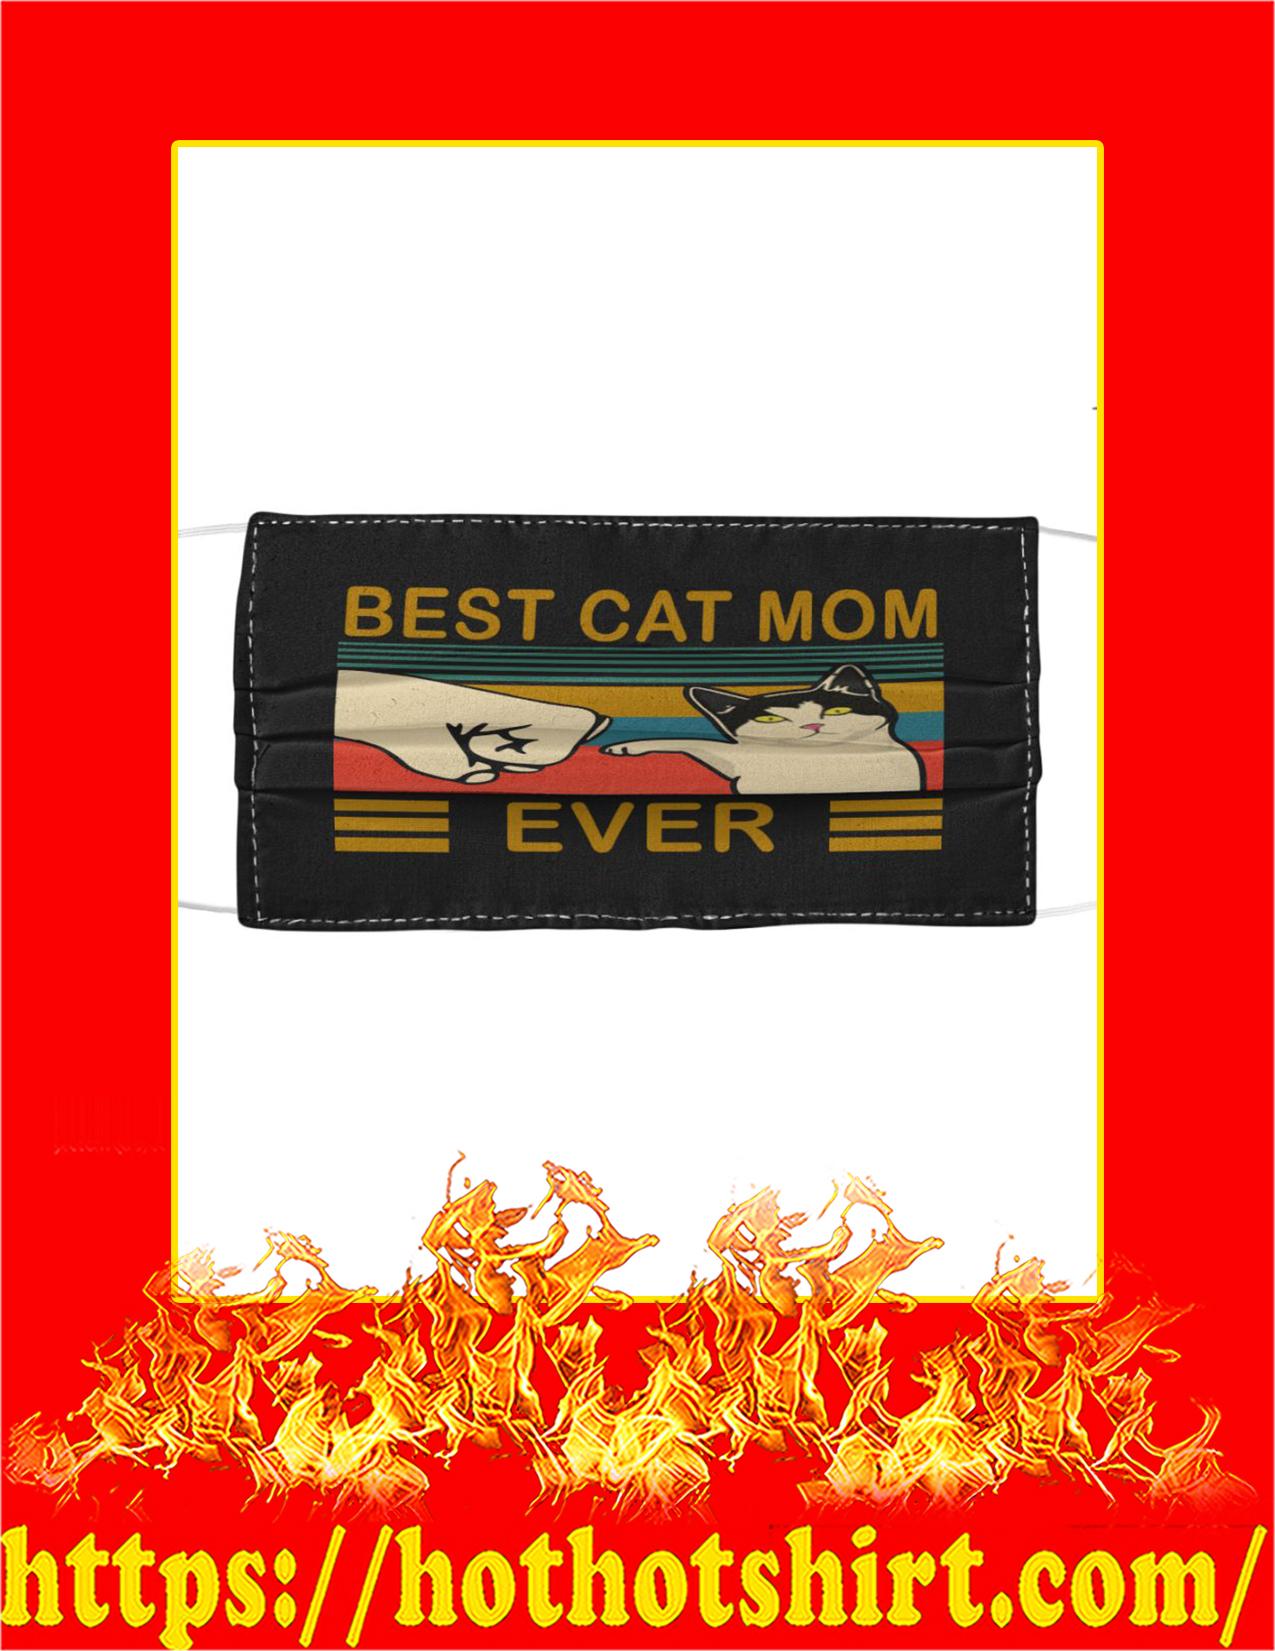 Best cat mom ever face mask - black